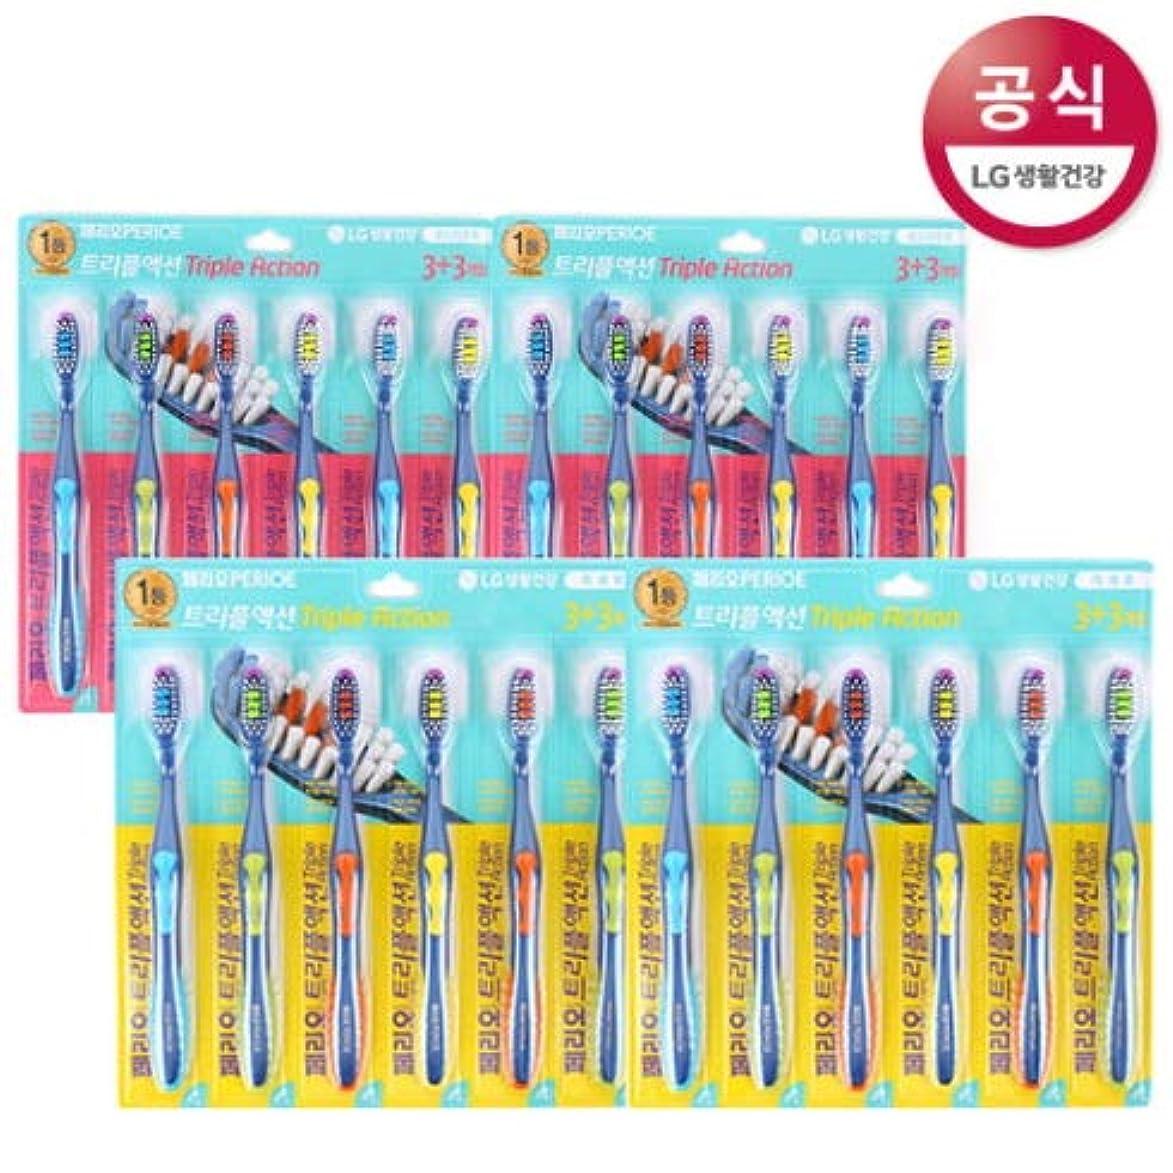 降雨解任レトルト[LG HnB] Perio Triple Action Toothbrush/ペリオトリプルアクション歯ブラシ 6口x4個(海外直送品)